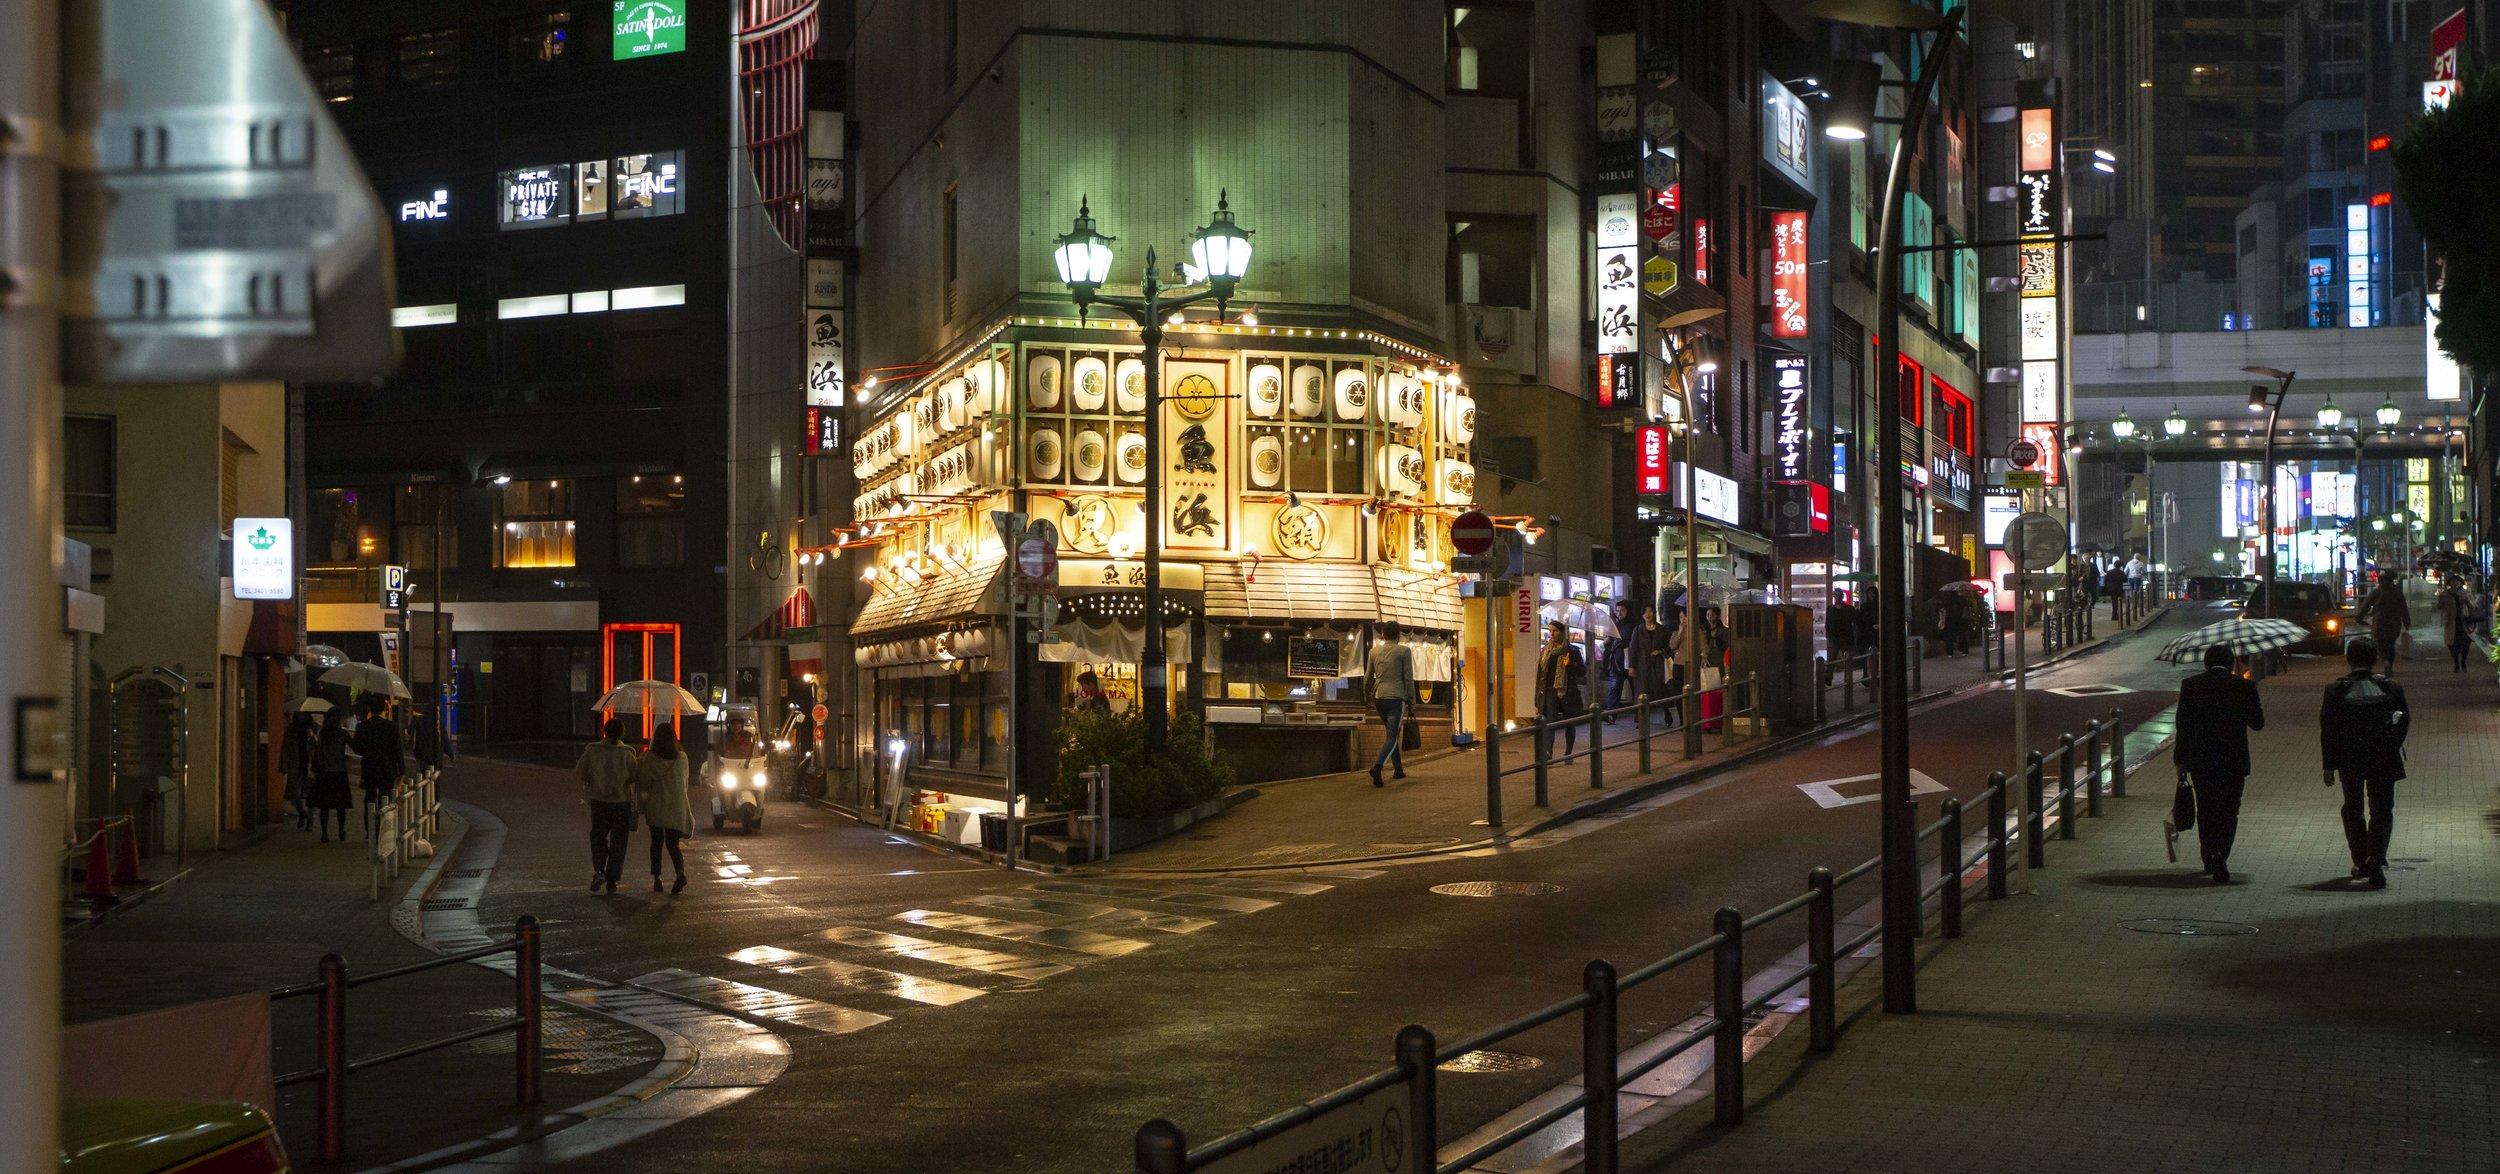 Wandering around Roppongi in Tokyo